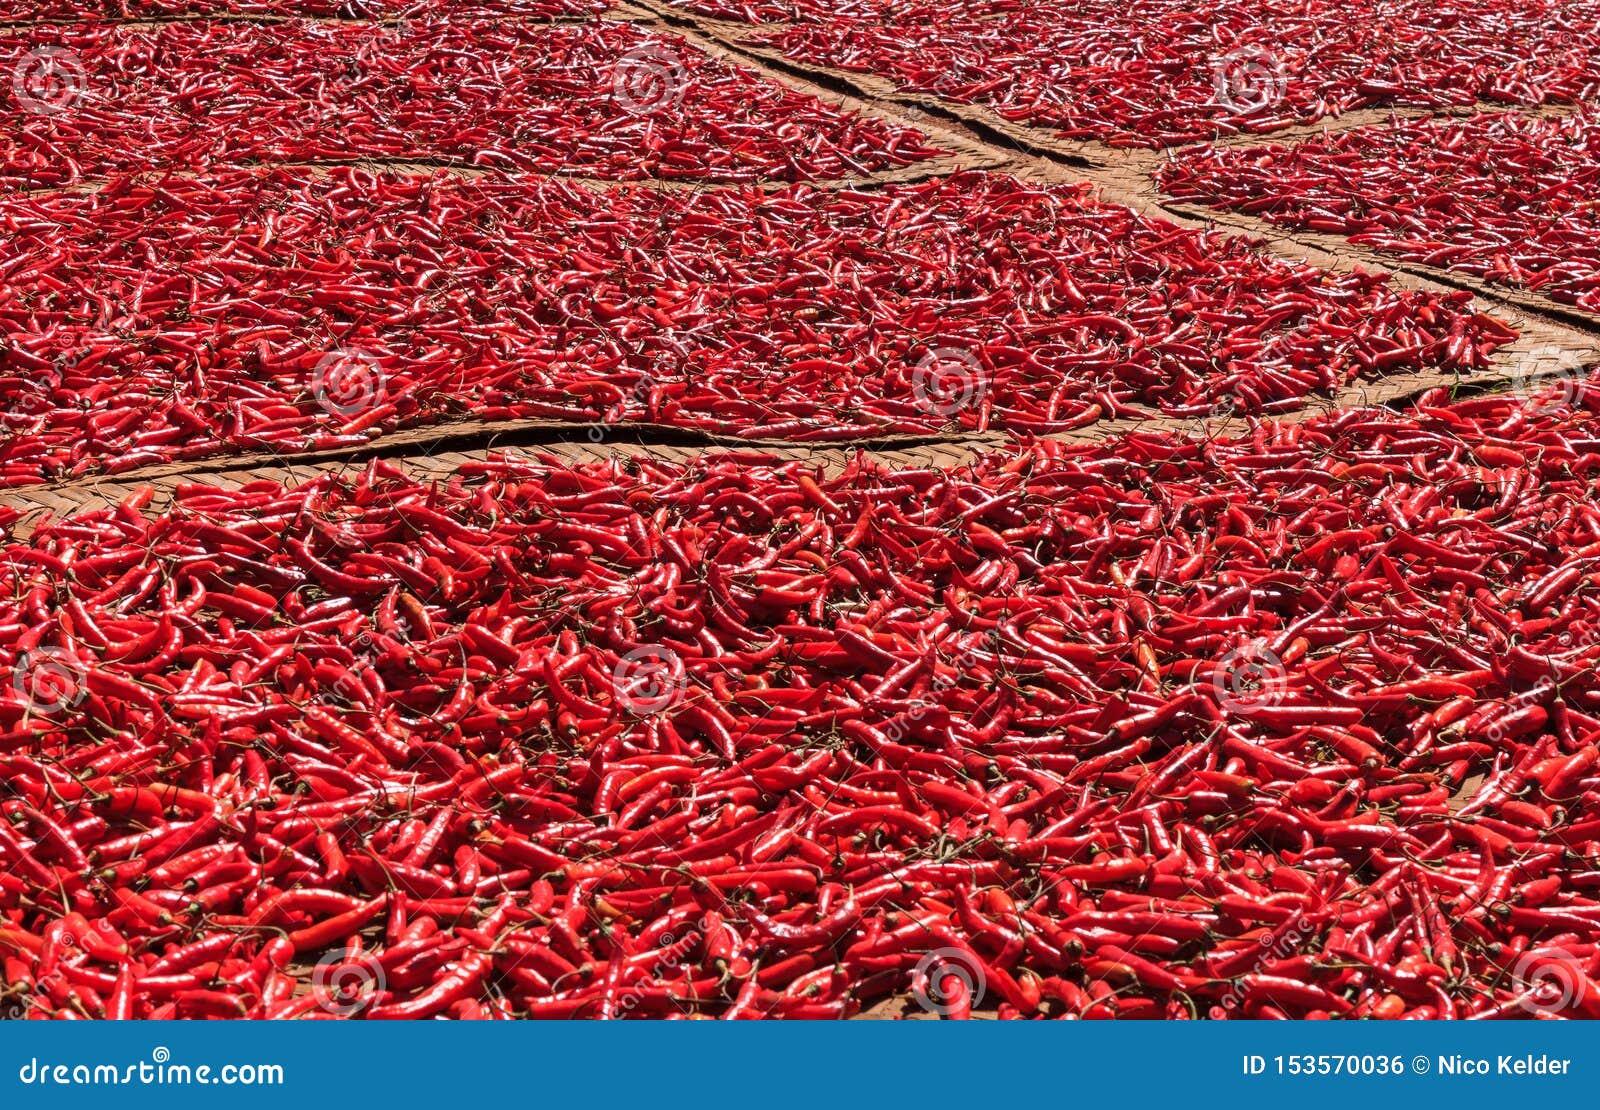 Перцы красных чилей суша в солнце